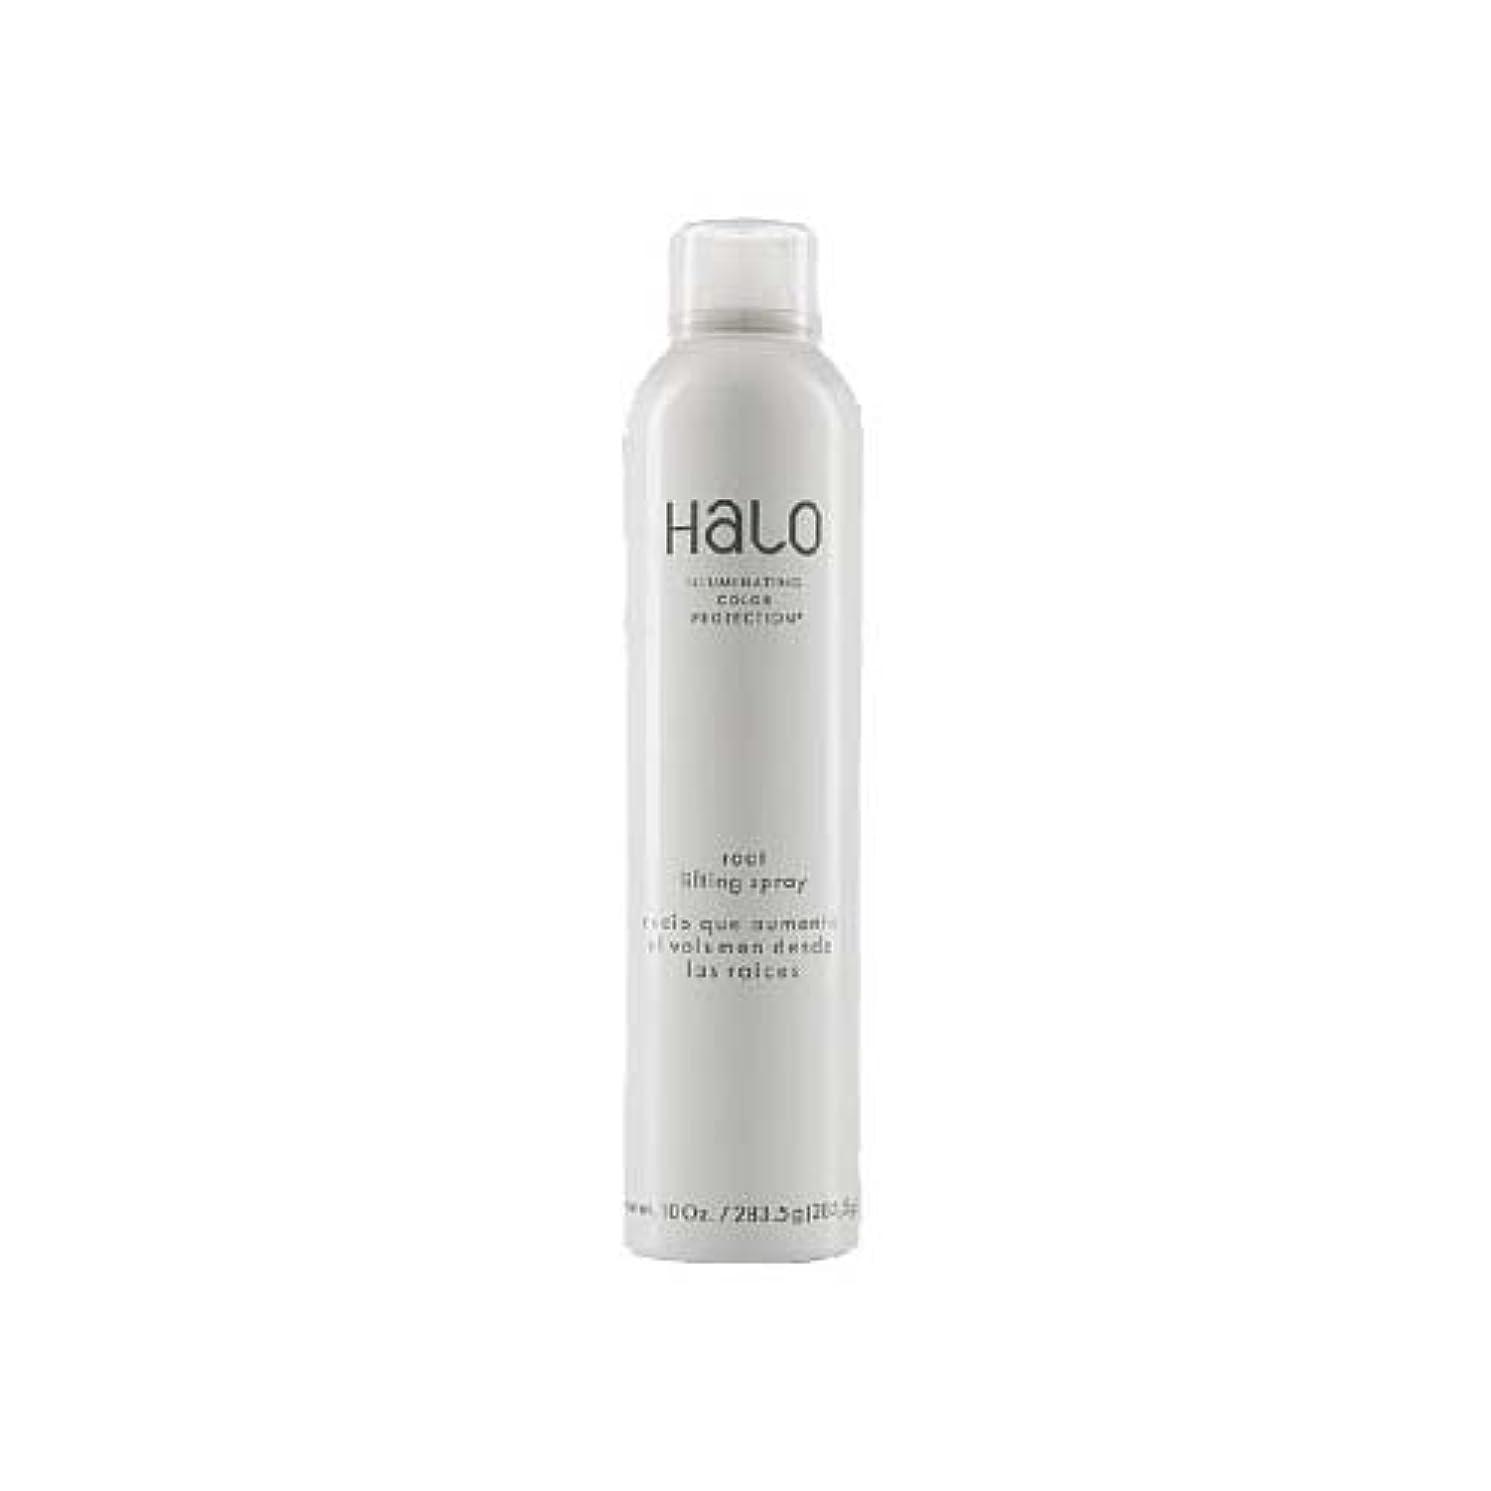 エミュレートするカウント器官Halo HALO照明COLOR保護ROOTリフティングスプレー10オンス 10オンス